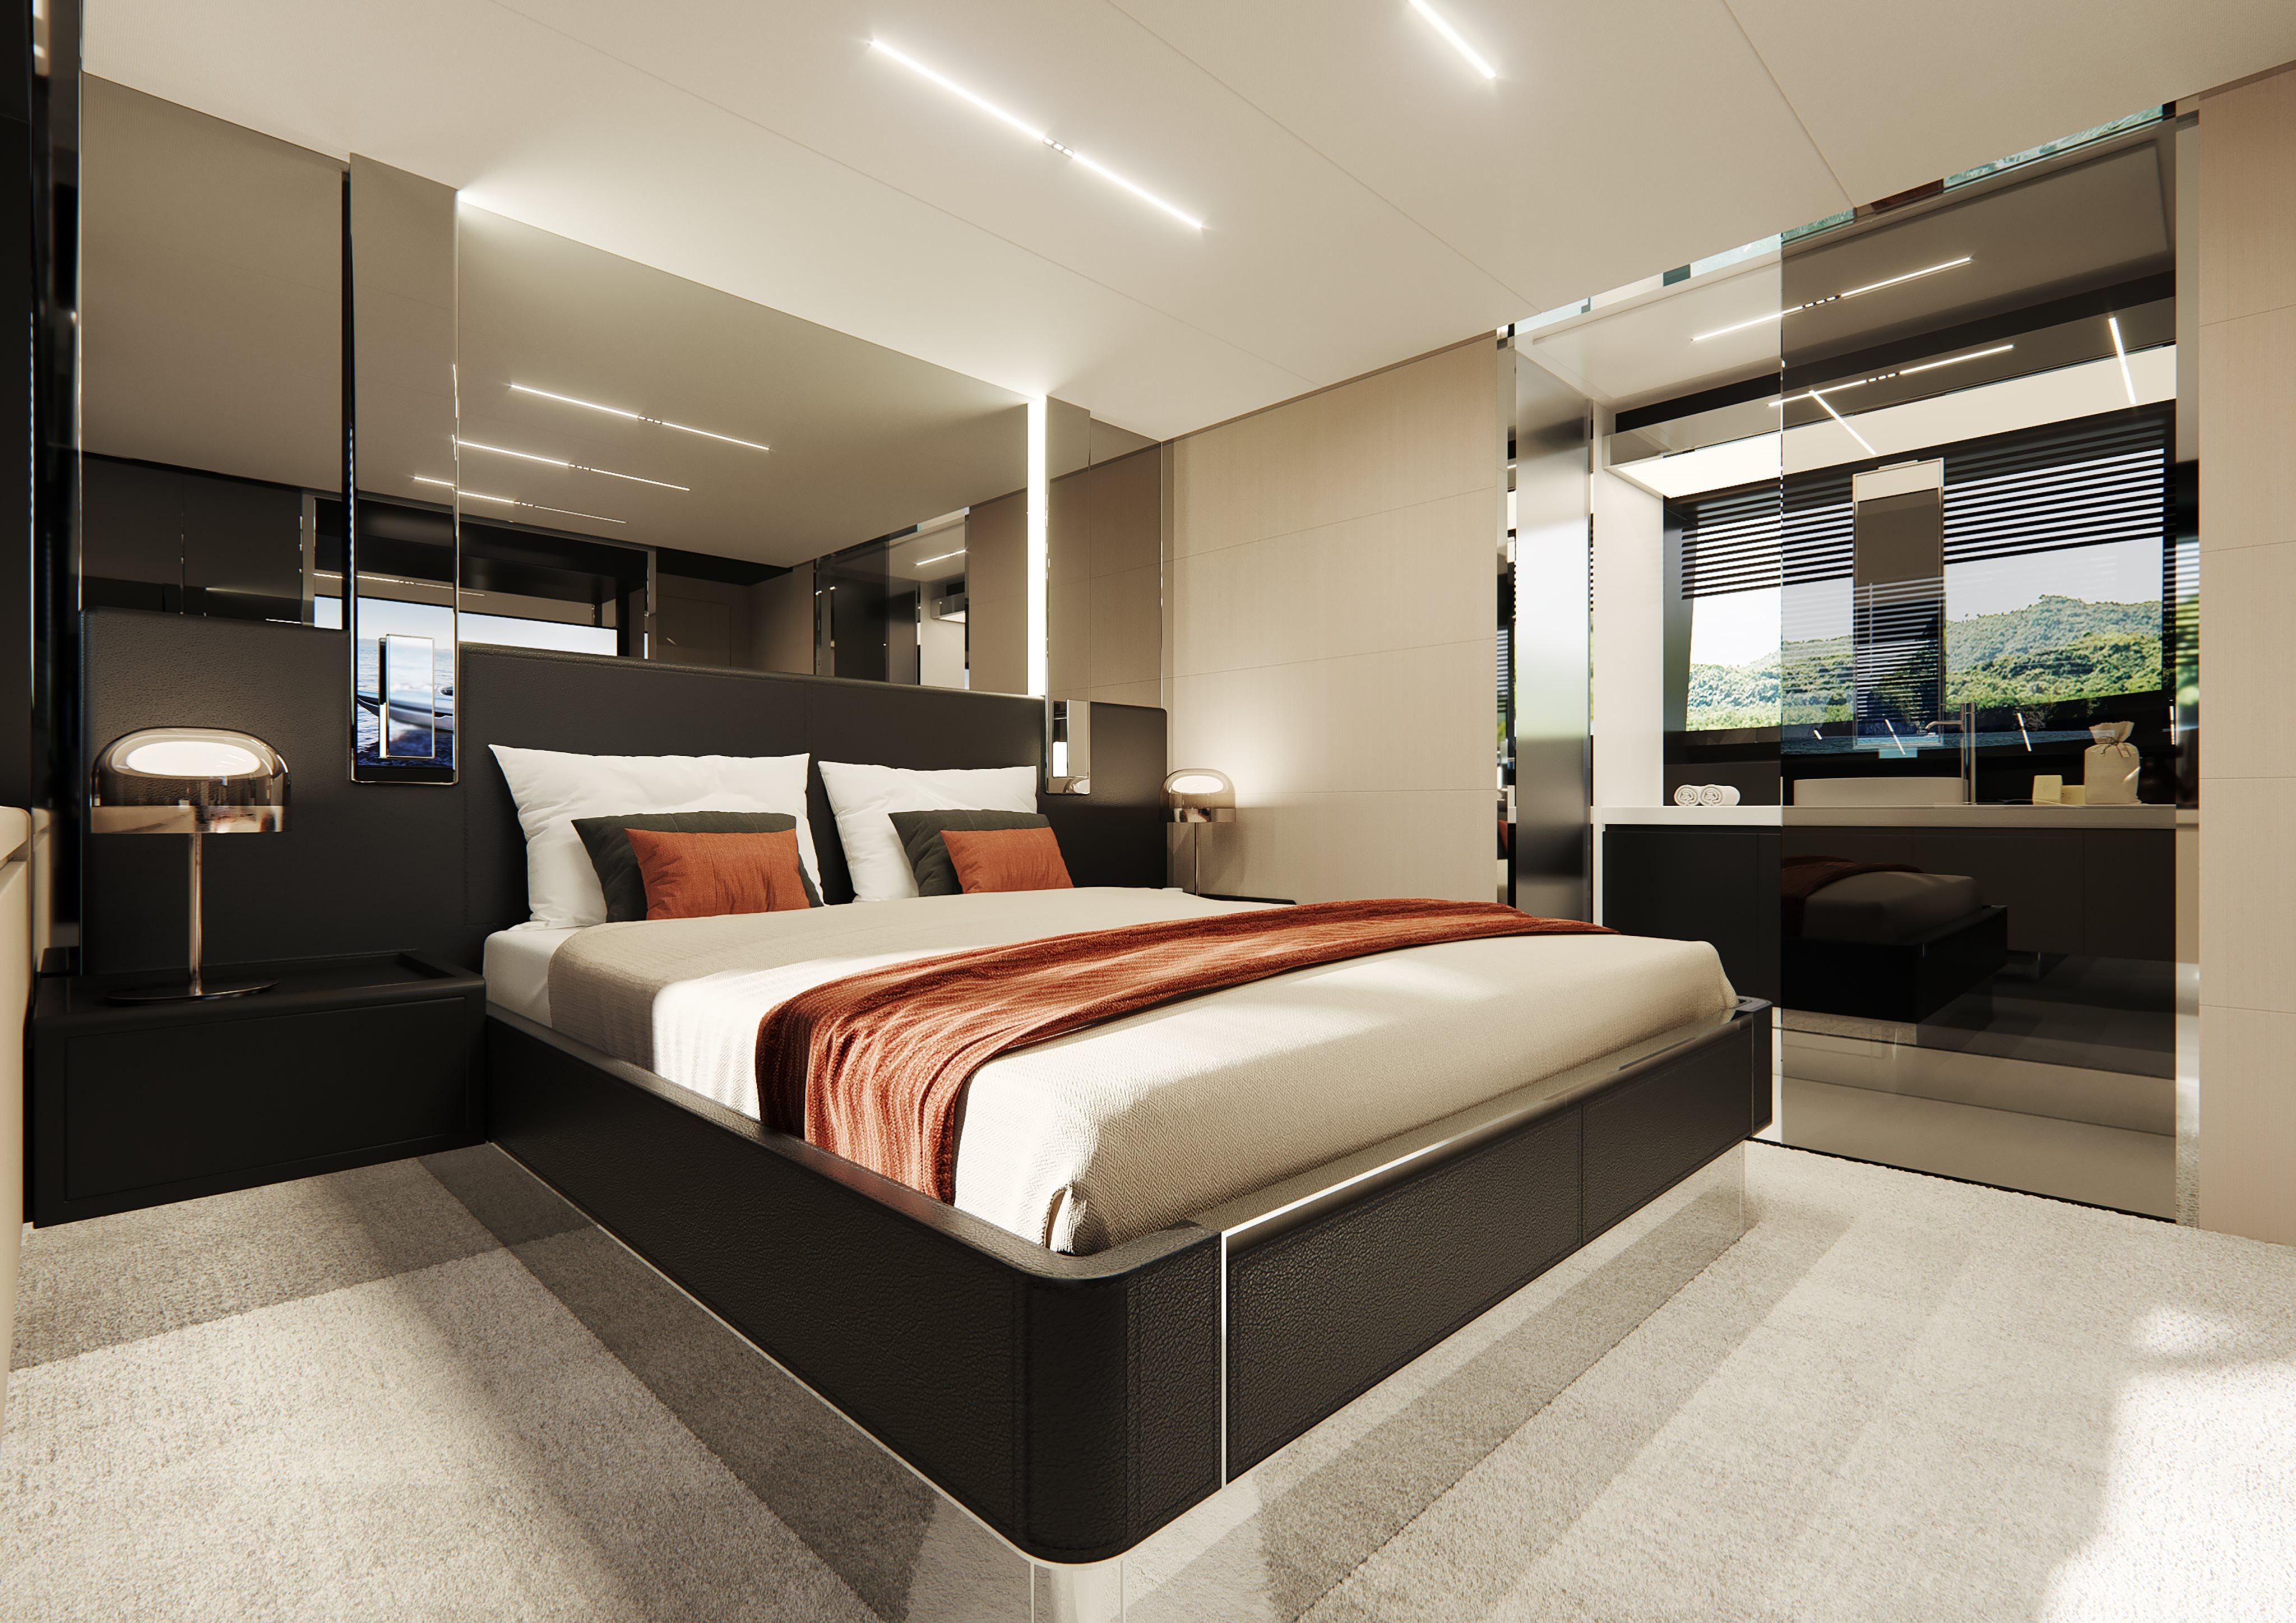 Riva 76 Perseo Super Project Bedroom